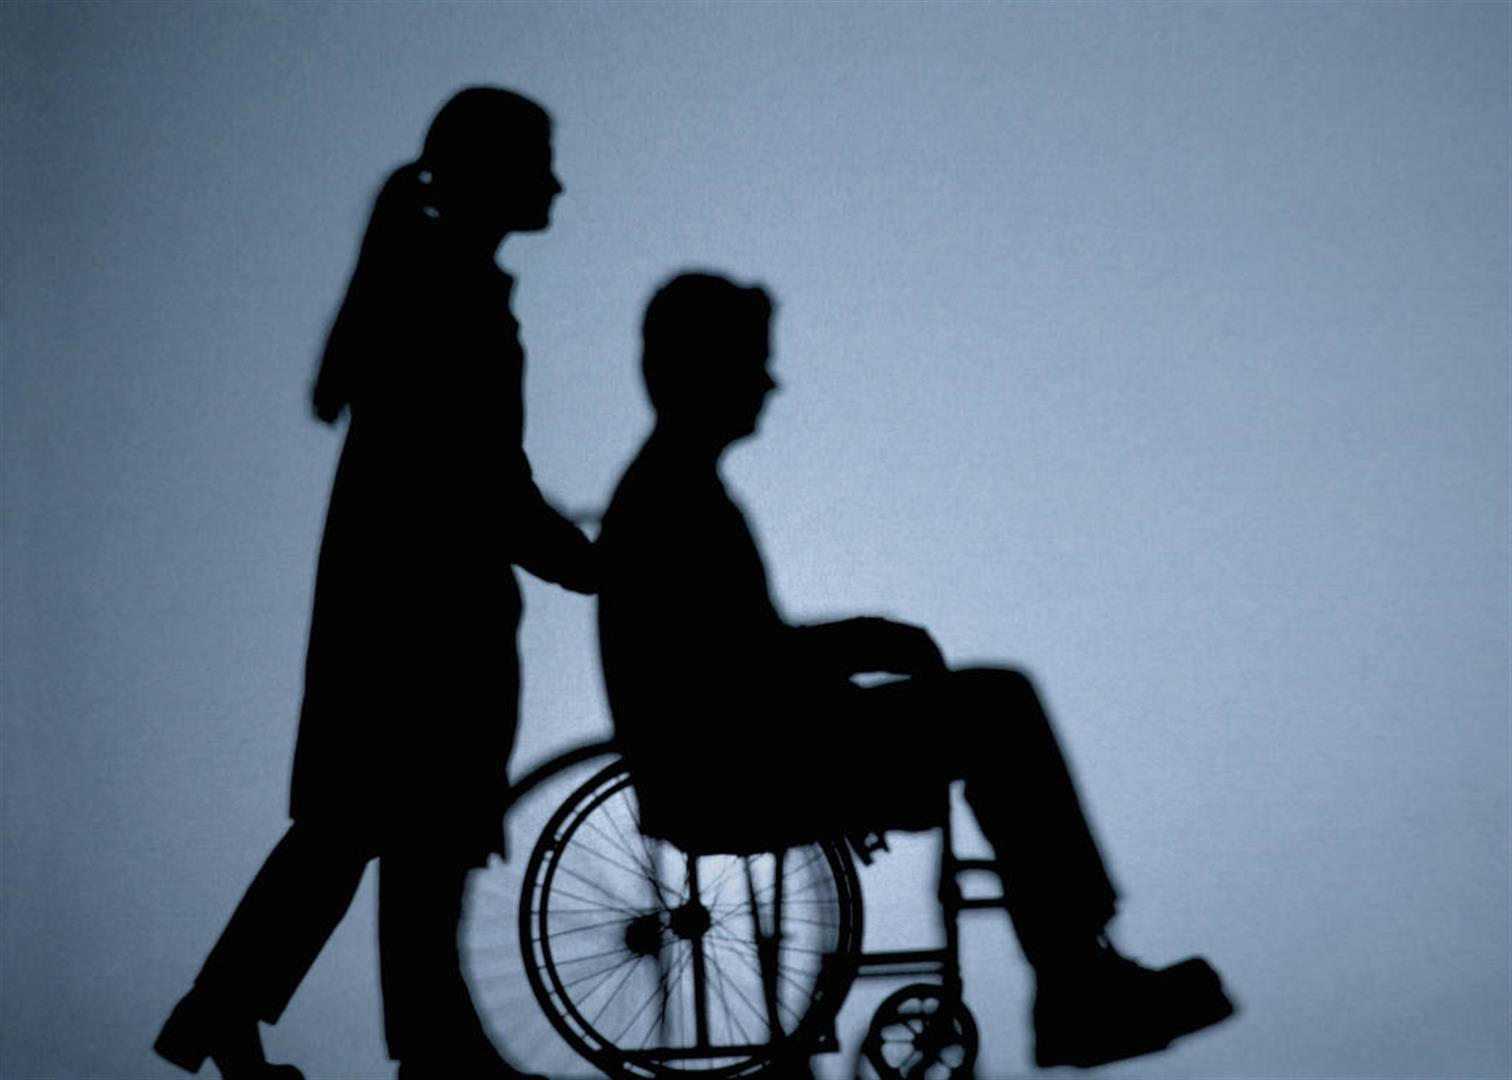 άτομα με αναπηρία, ένοικοι, φροντίδα, υποστήριξη, διαβίωση